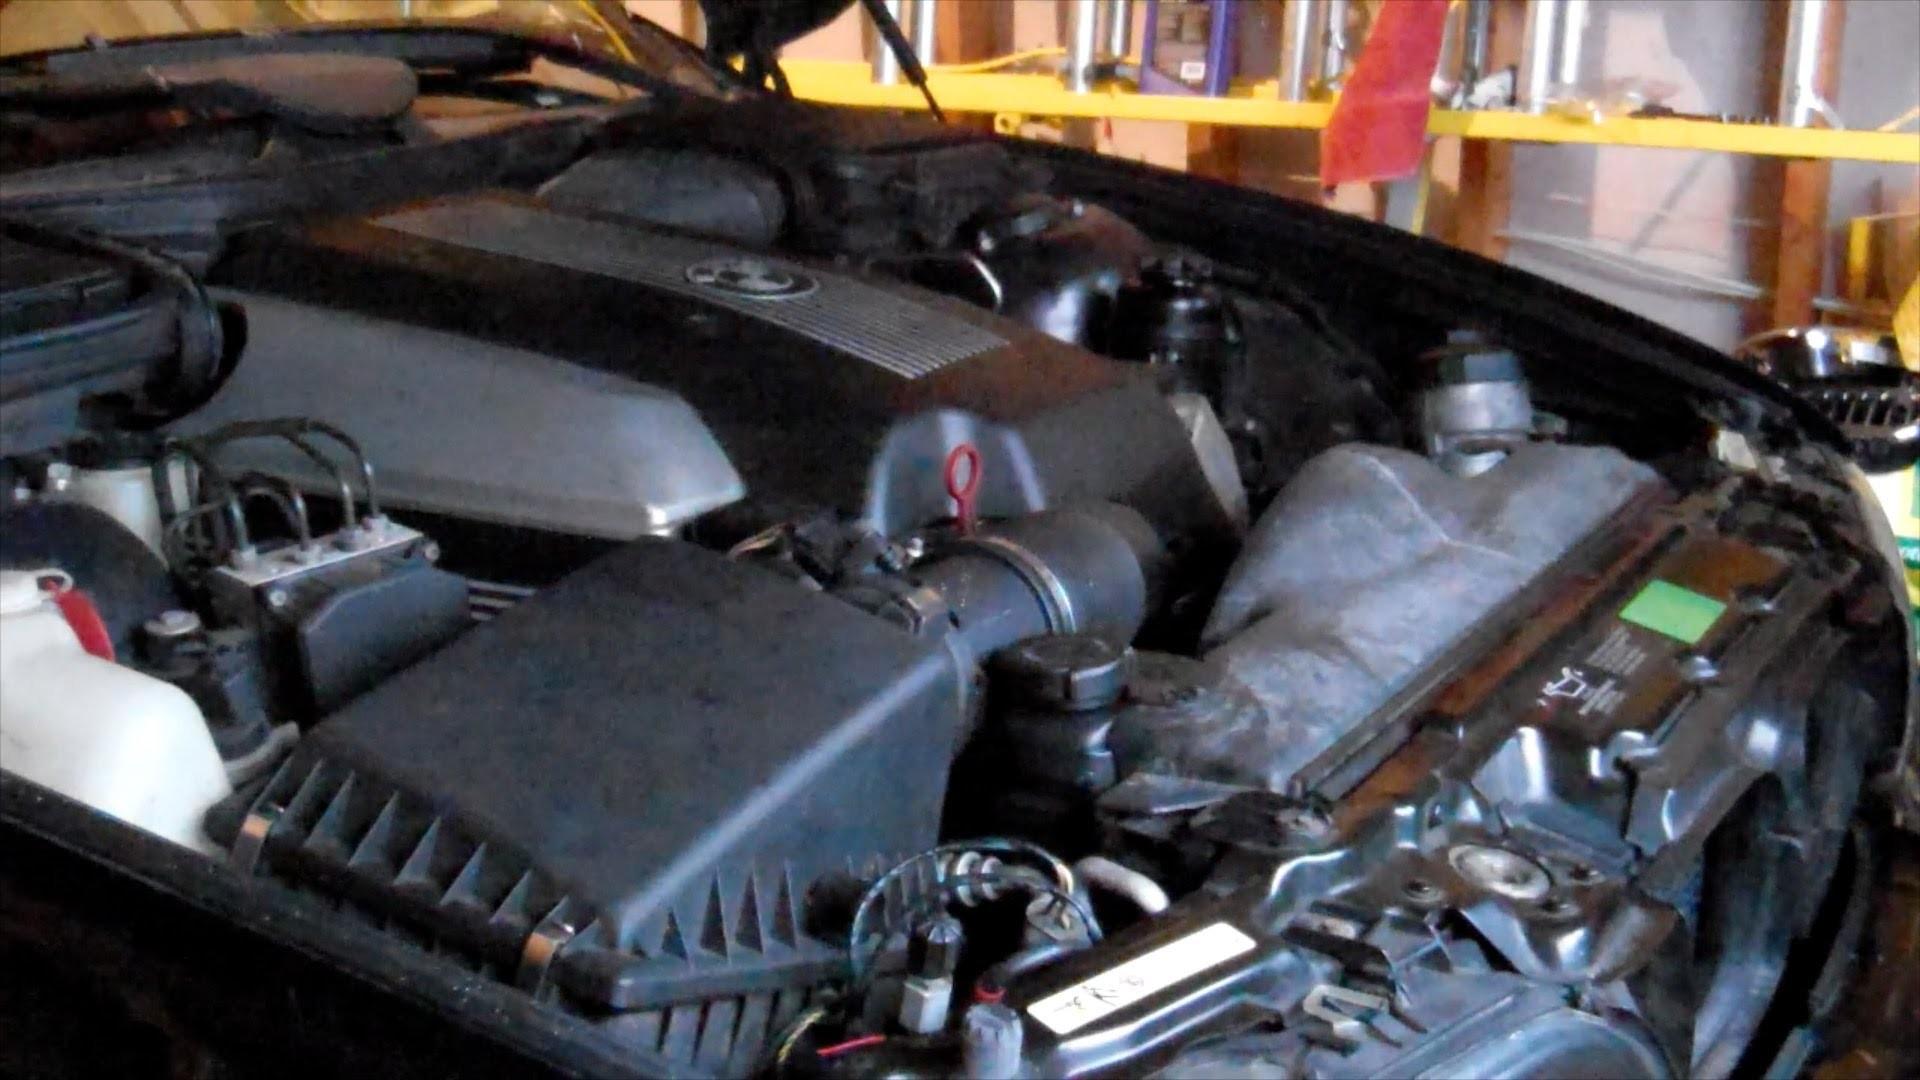 2001 bmw 740il engine diagram coleman mobile home air conditioner wiring e39 540i e38 740i m62